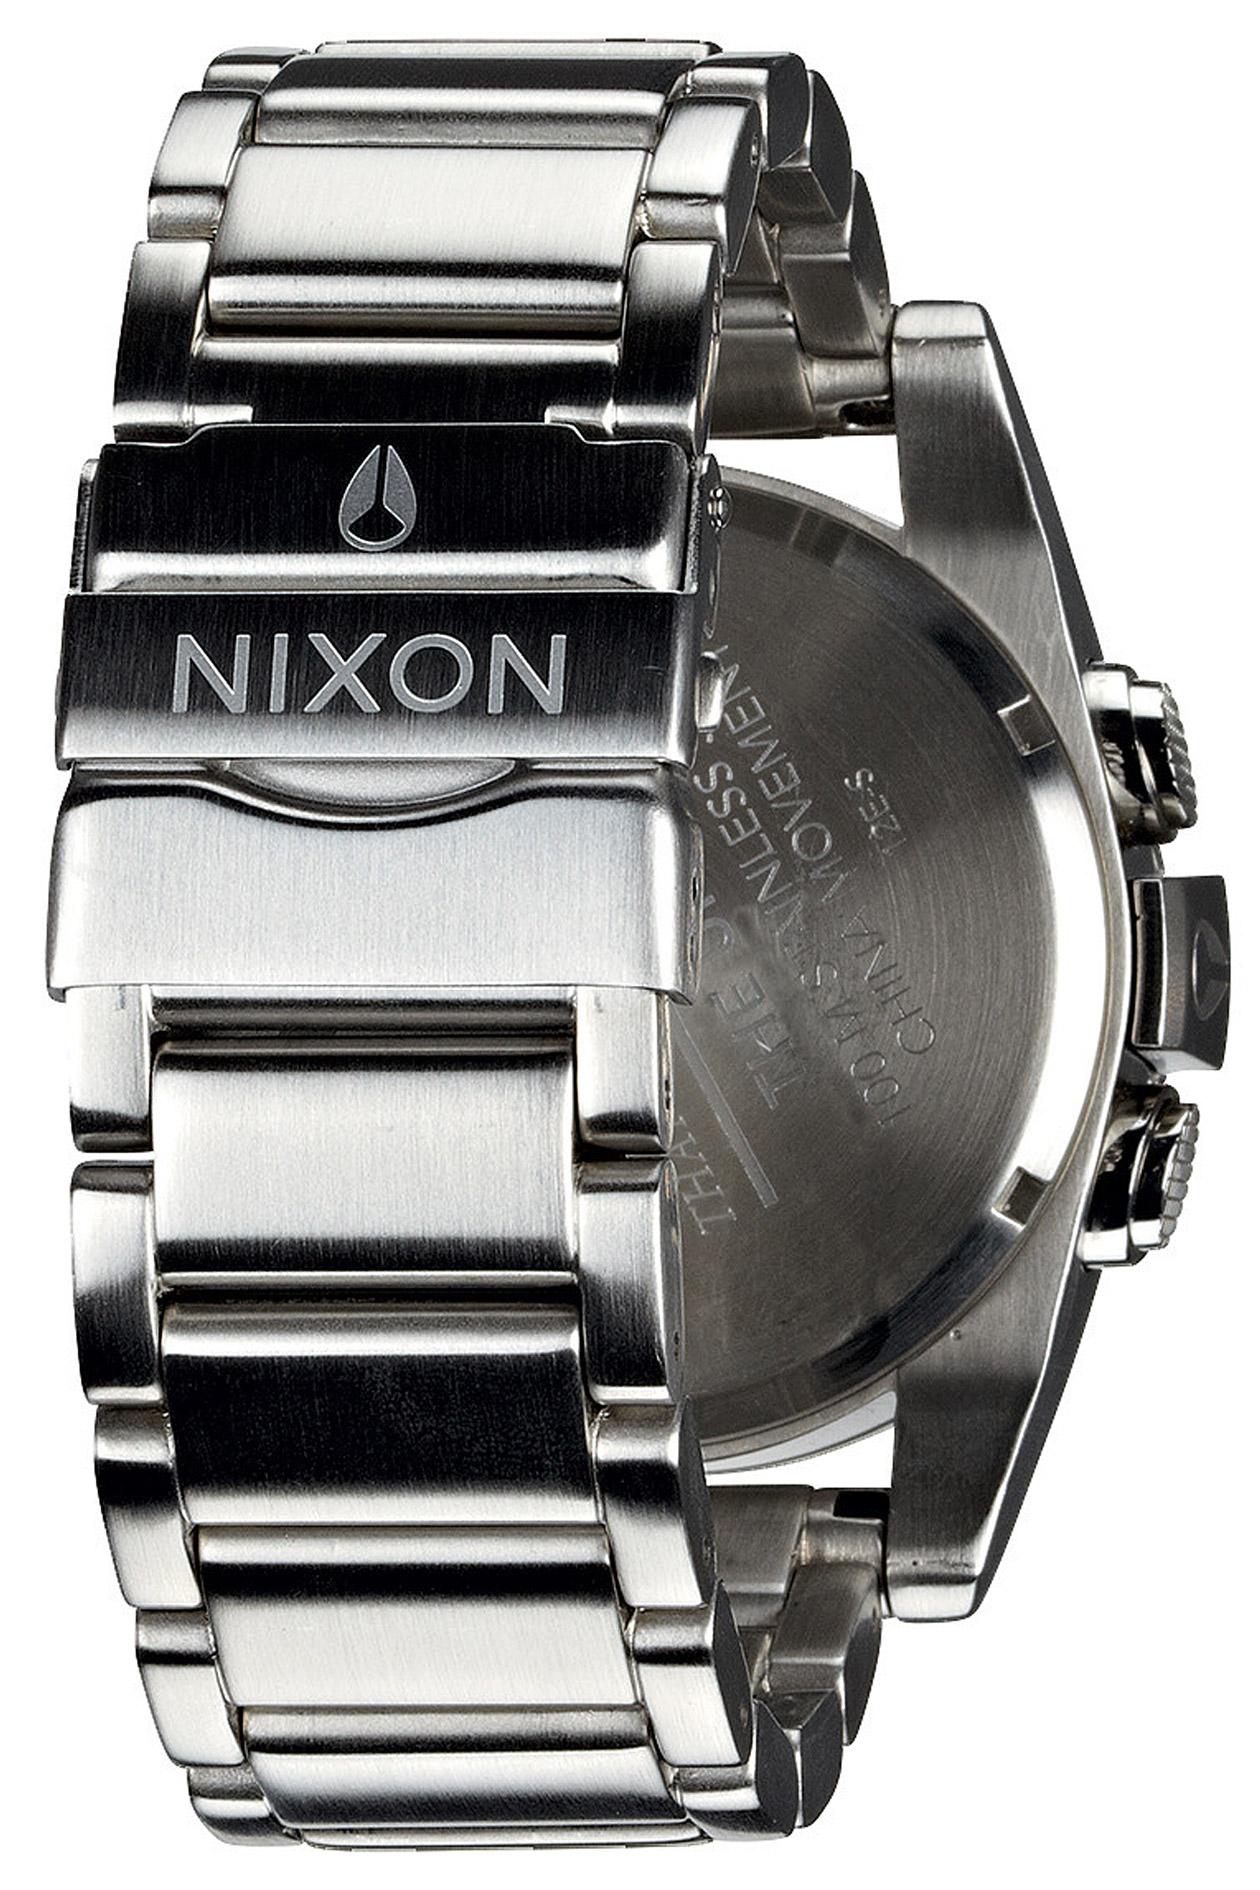 91305_2_Nixon_TheUnitSS Elegantes Uhr Mit Temperaturanzeige Dekorationen